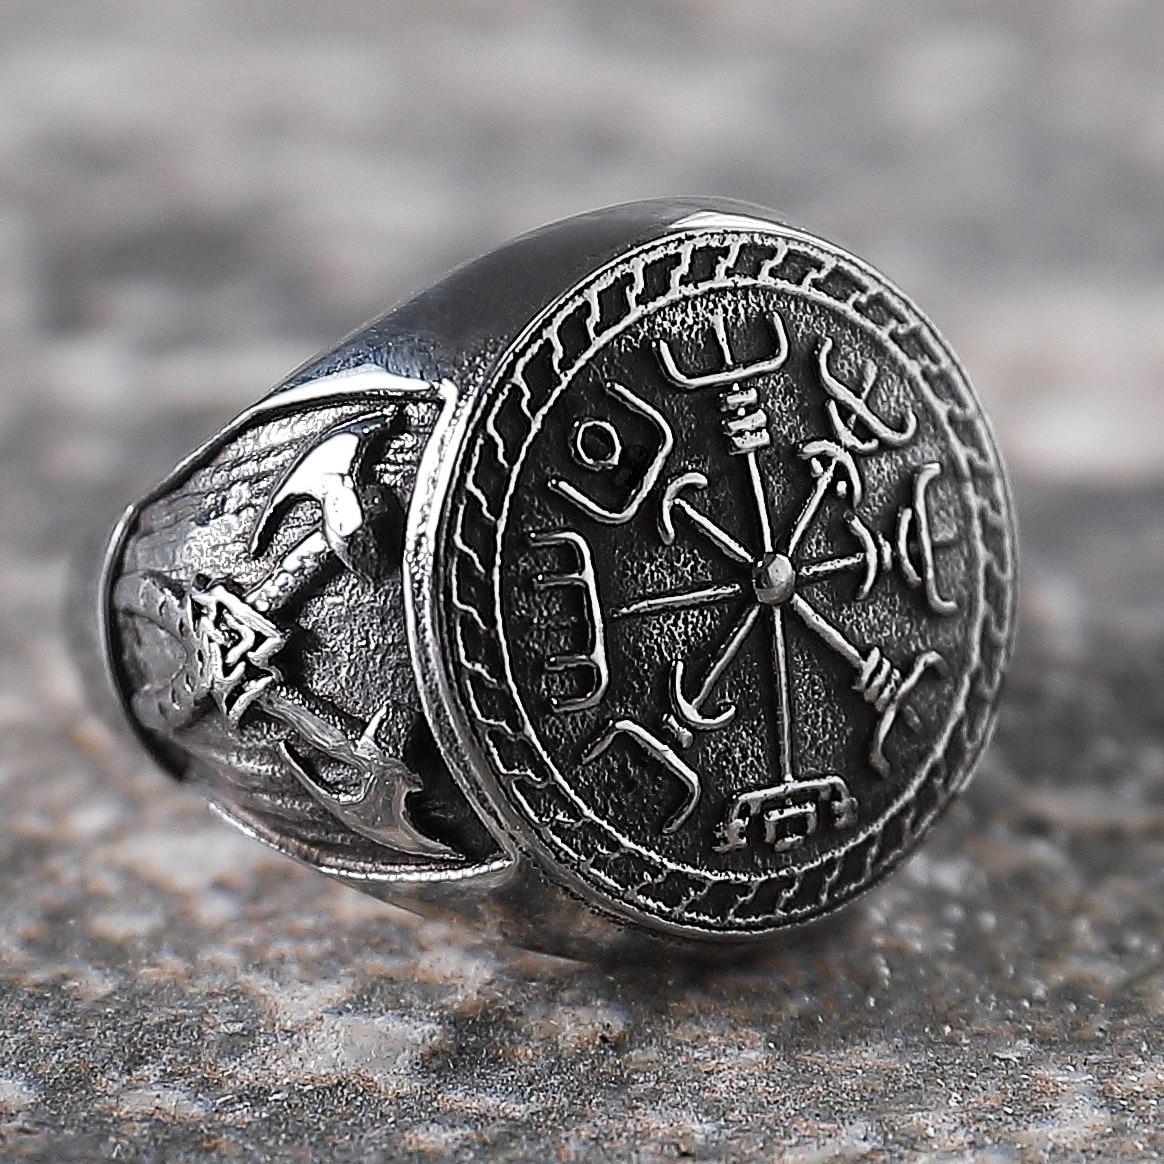 Мужское Винтажное кольцо-топор, ювелирное изделие из нержавеющей стали в стиле викингов, пиратов, мотоциклов, байкеров